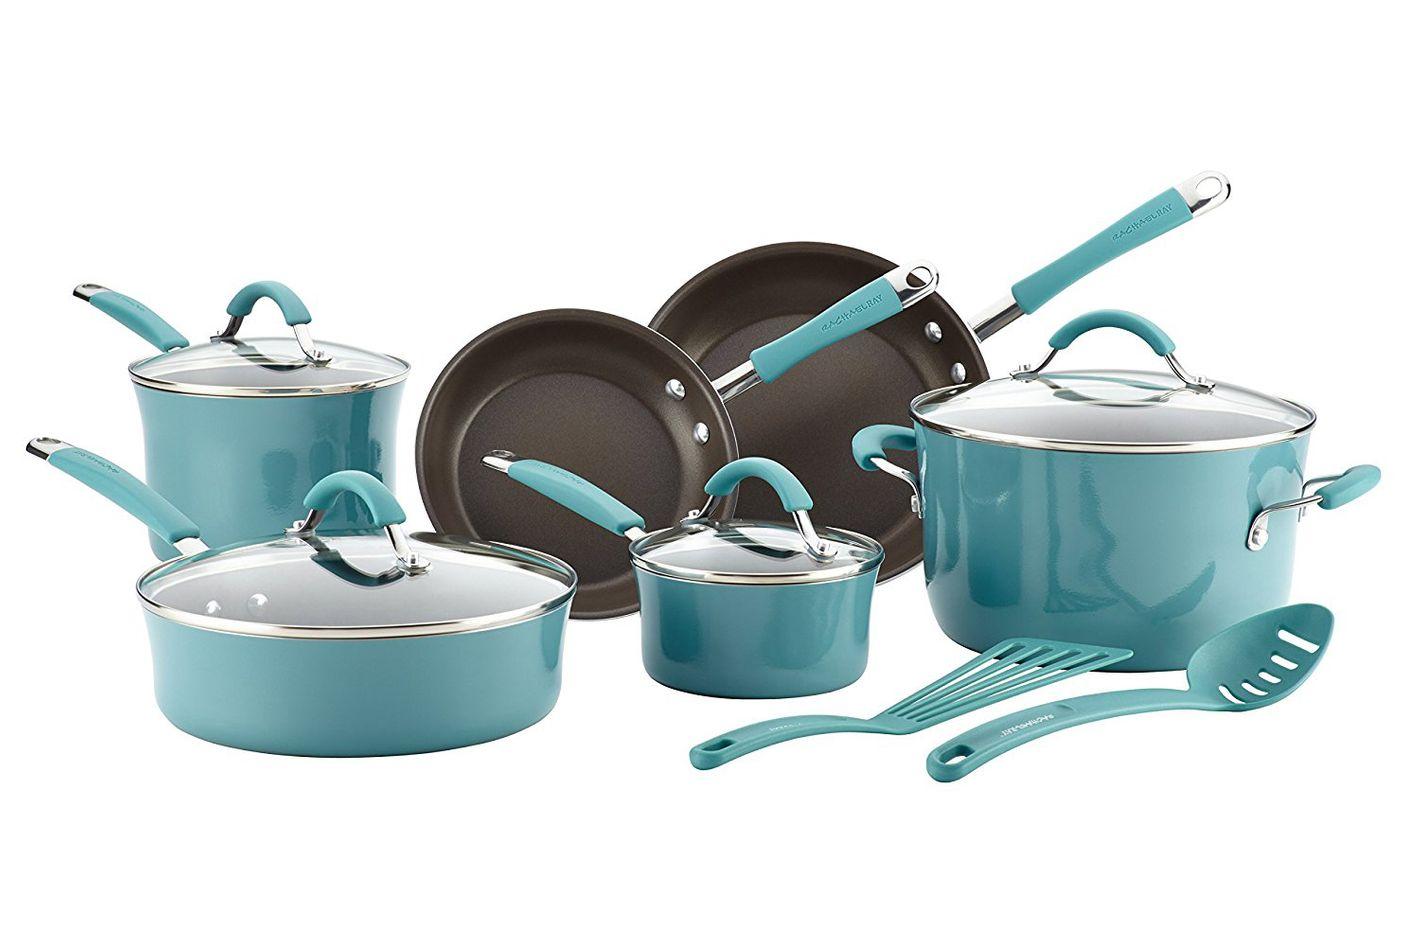 Best Cookware Sets, Nonstick Cookware Sets